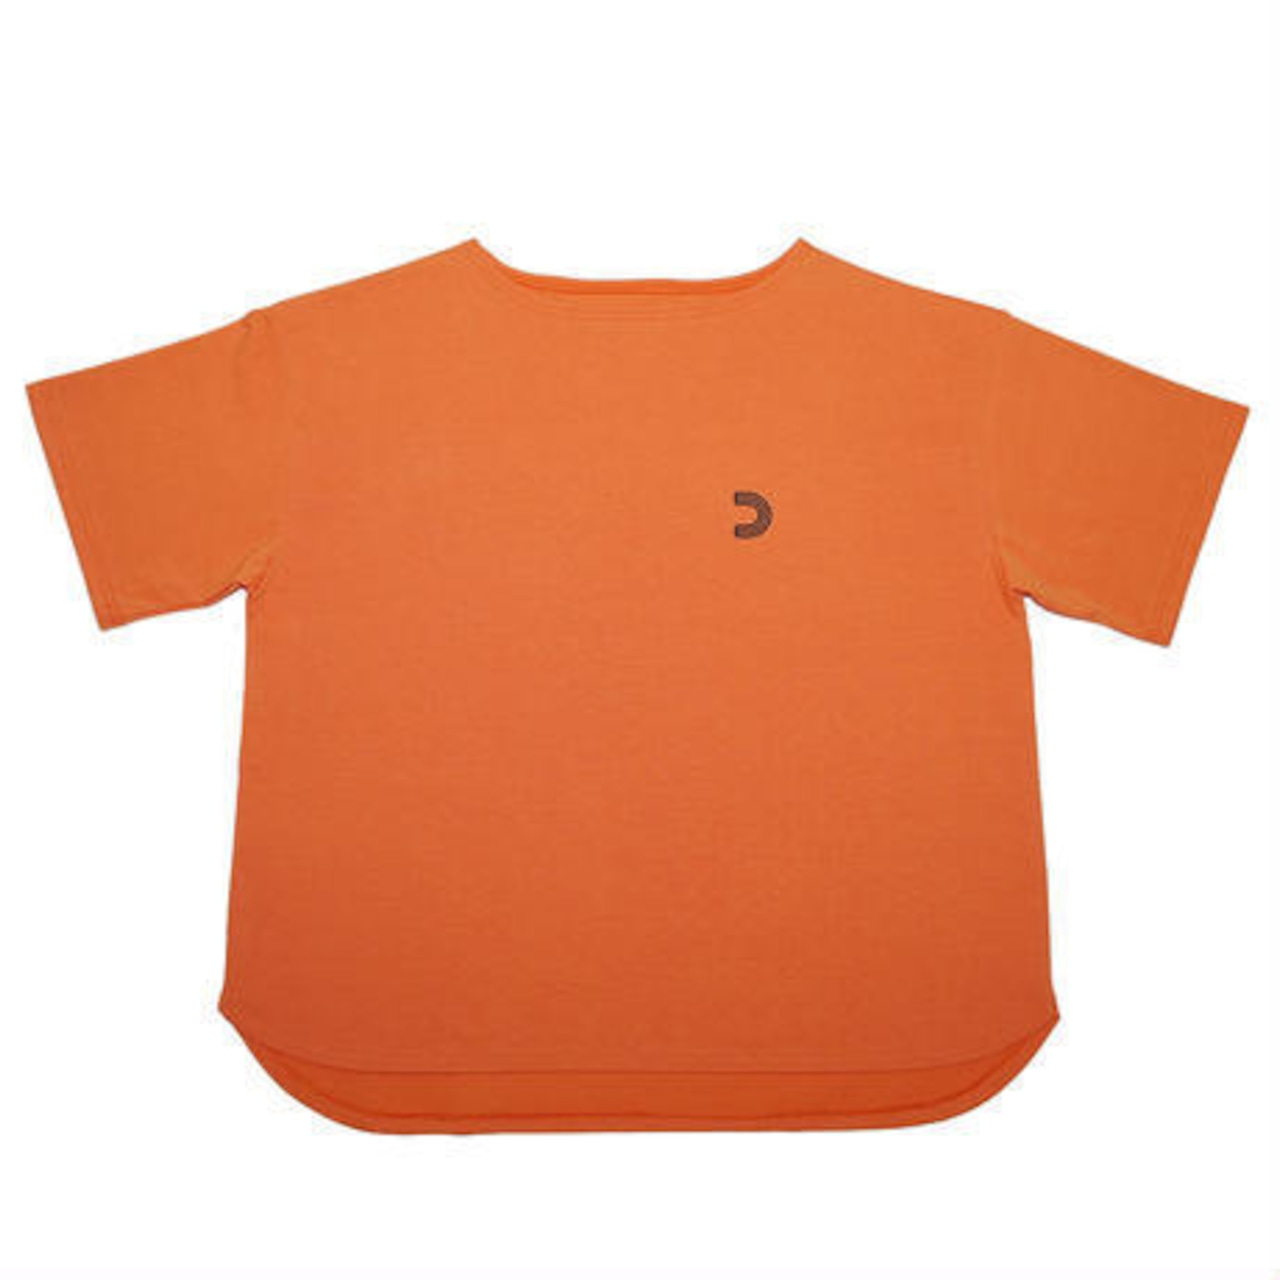 ボートネックビッグTシャツ